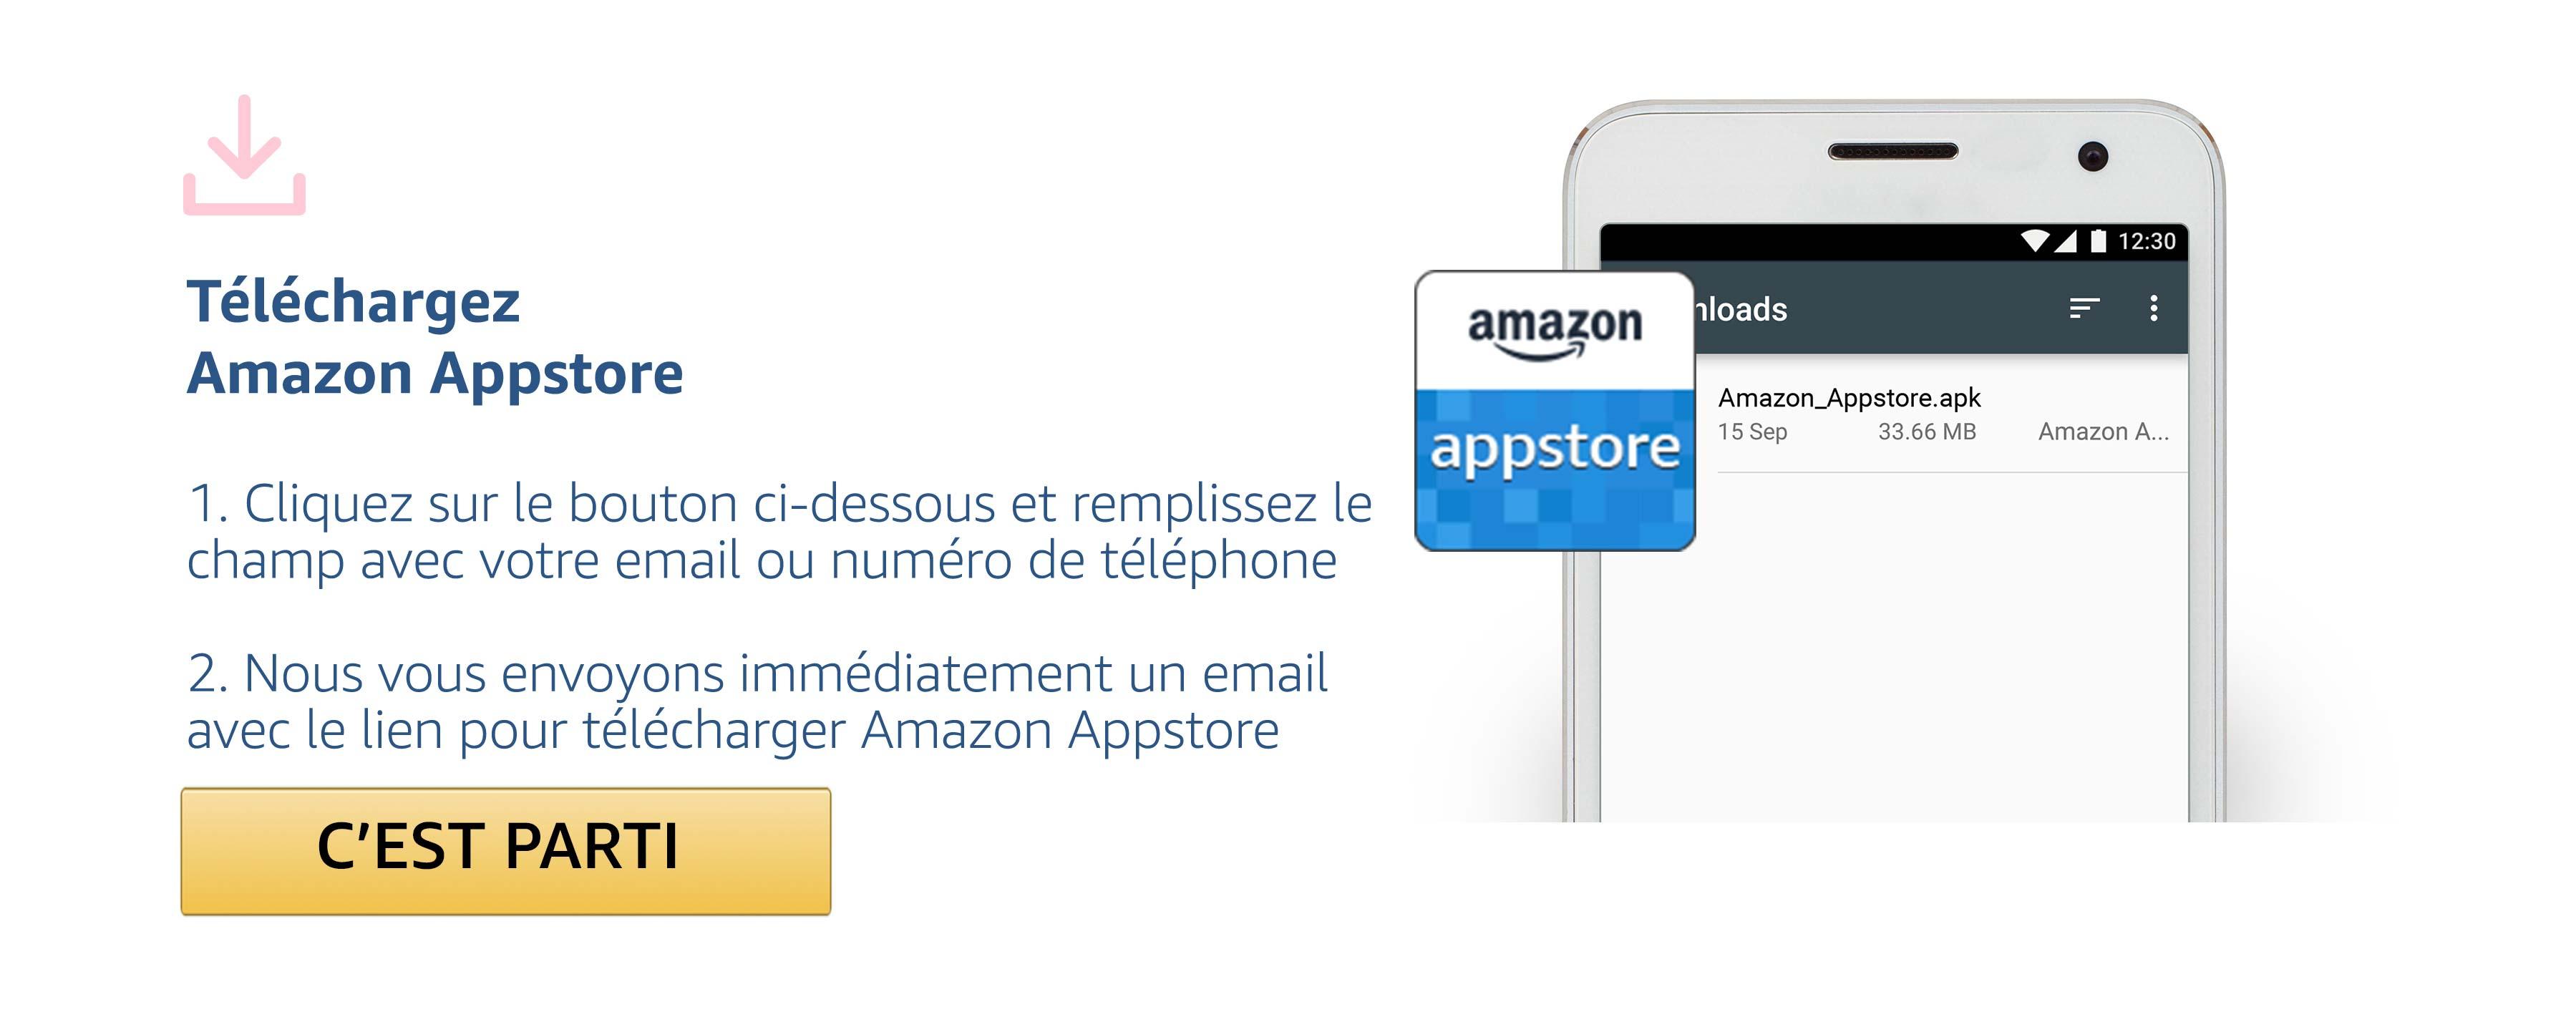 Télécharger Amazon Appstore